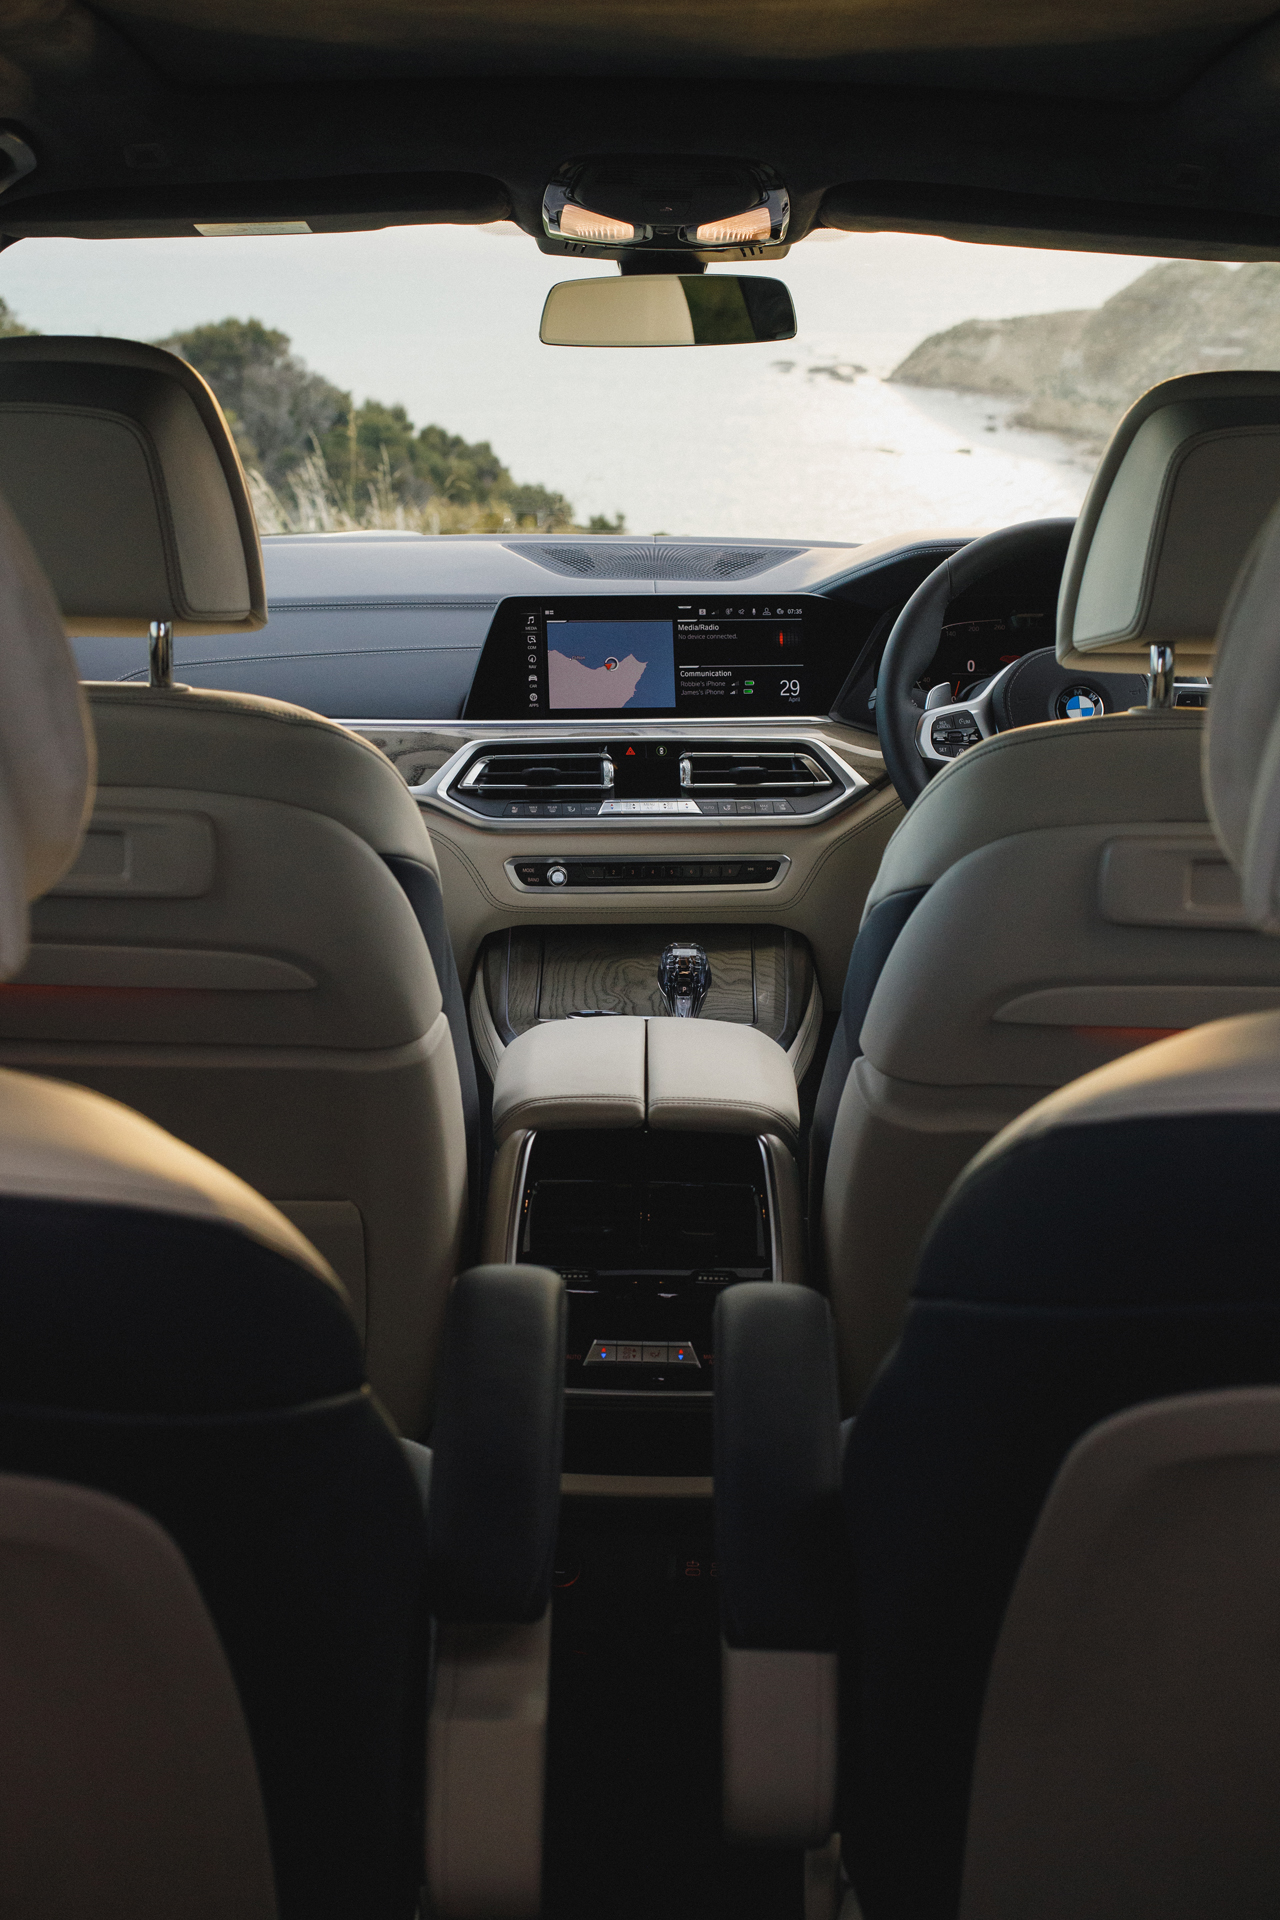 BMW_X7_3.2_S2_7822.jpg